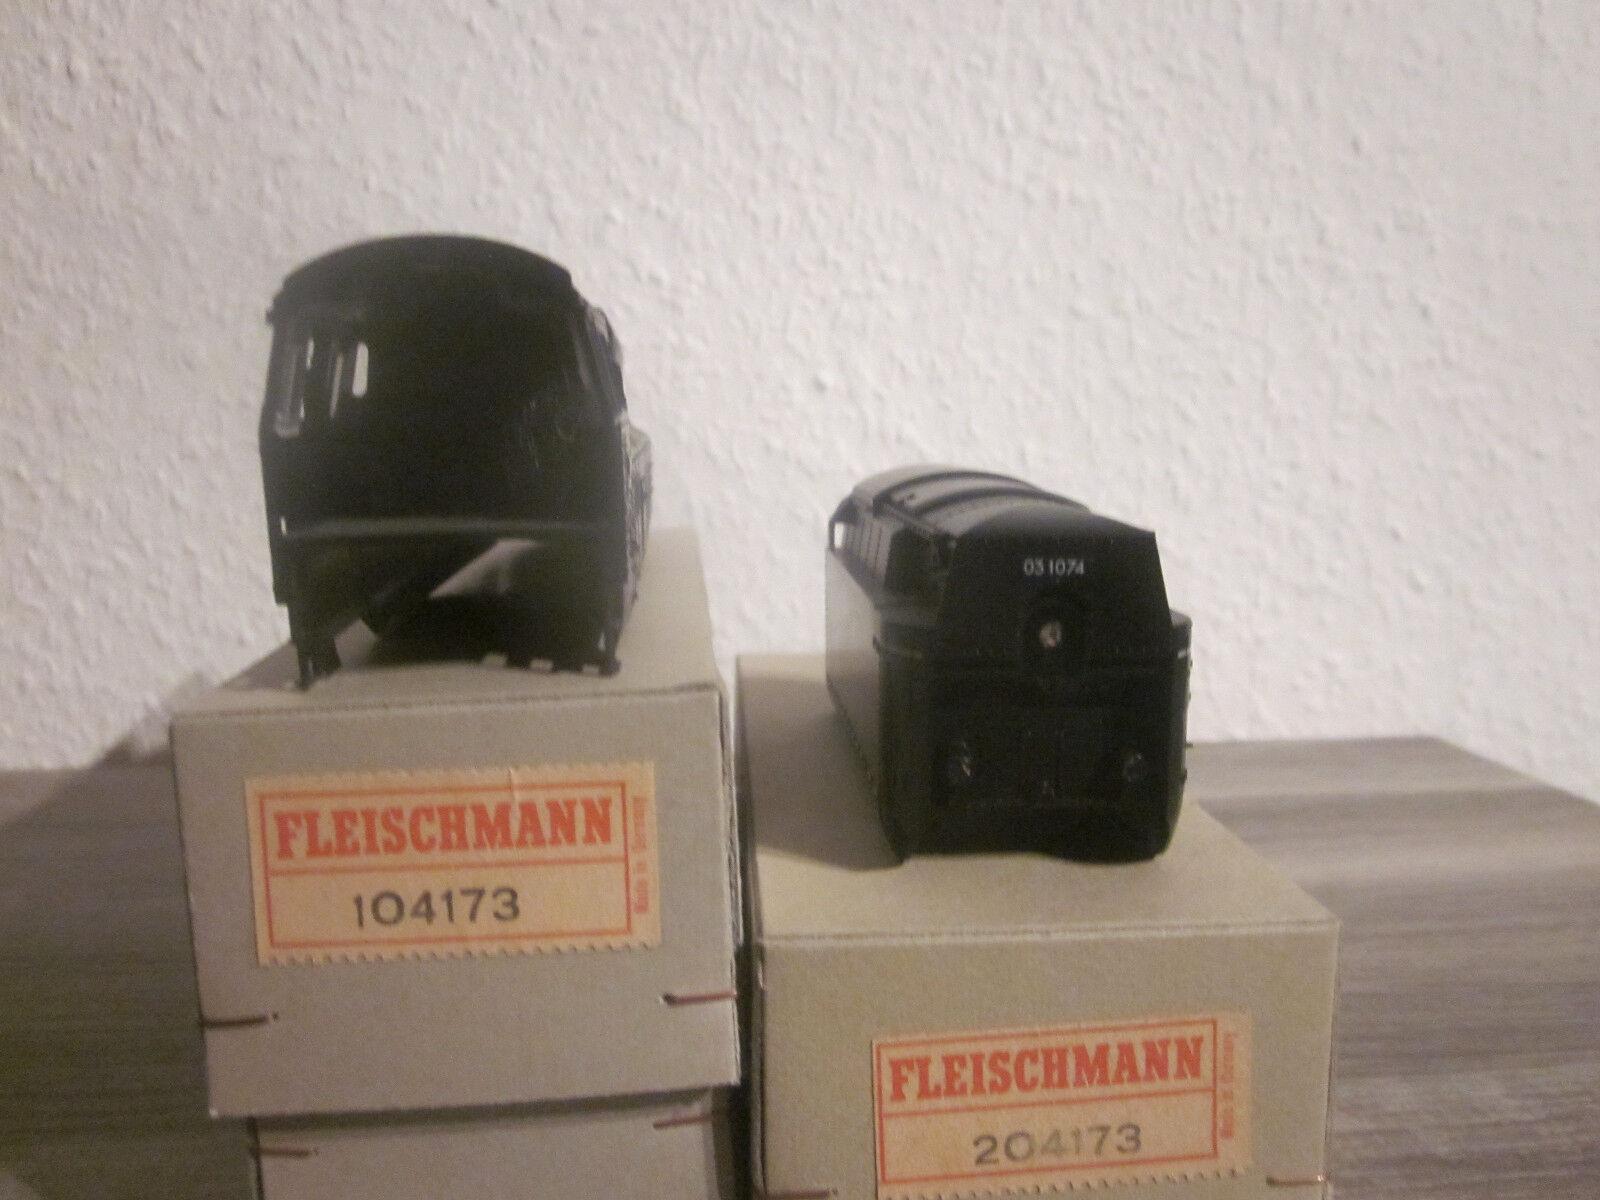 RARITÄT Fleiscchmann Gehäuse Stromlinien Lok    Tender NEU  OVP  Art.Nr 204173    Erste Gruppe von Kunden  6148ab